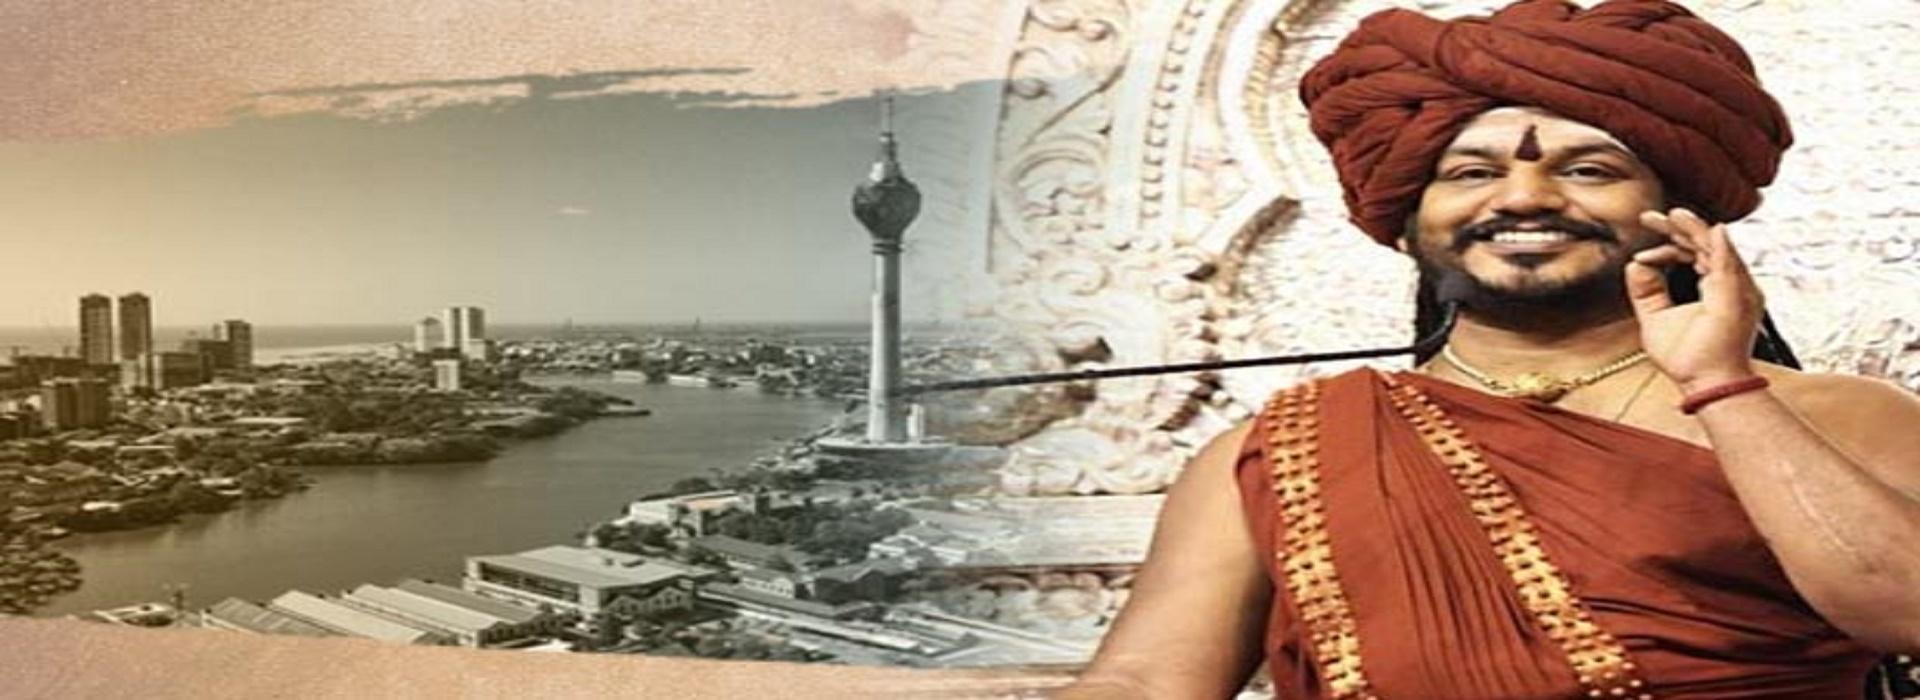 Kailaasa of Nityananda- A Reality